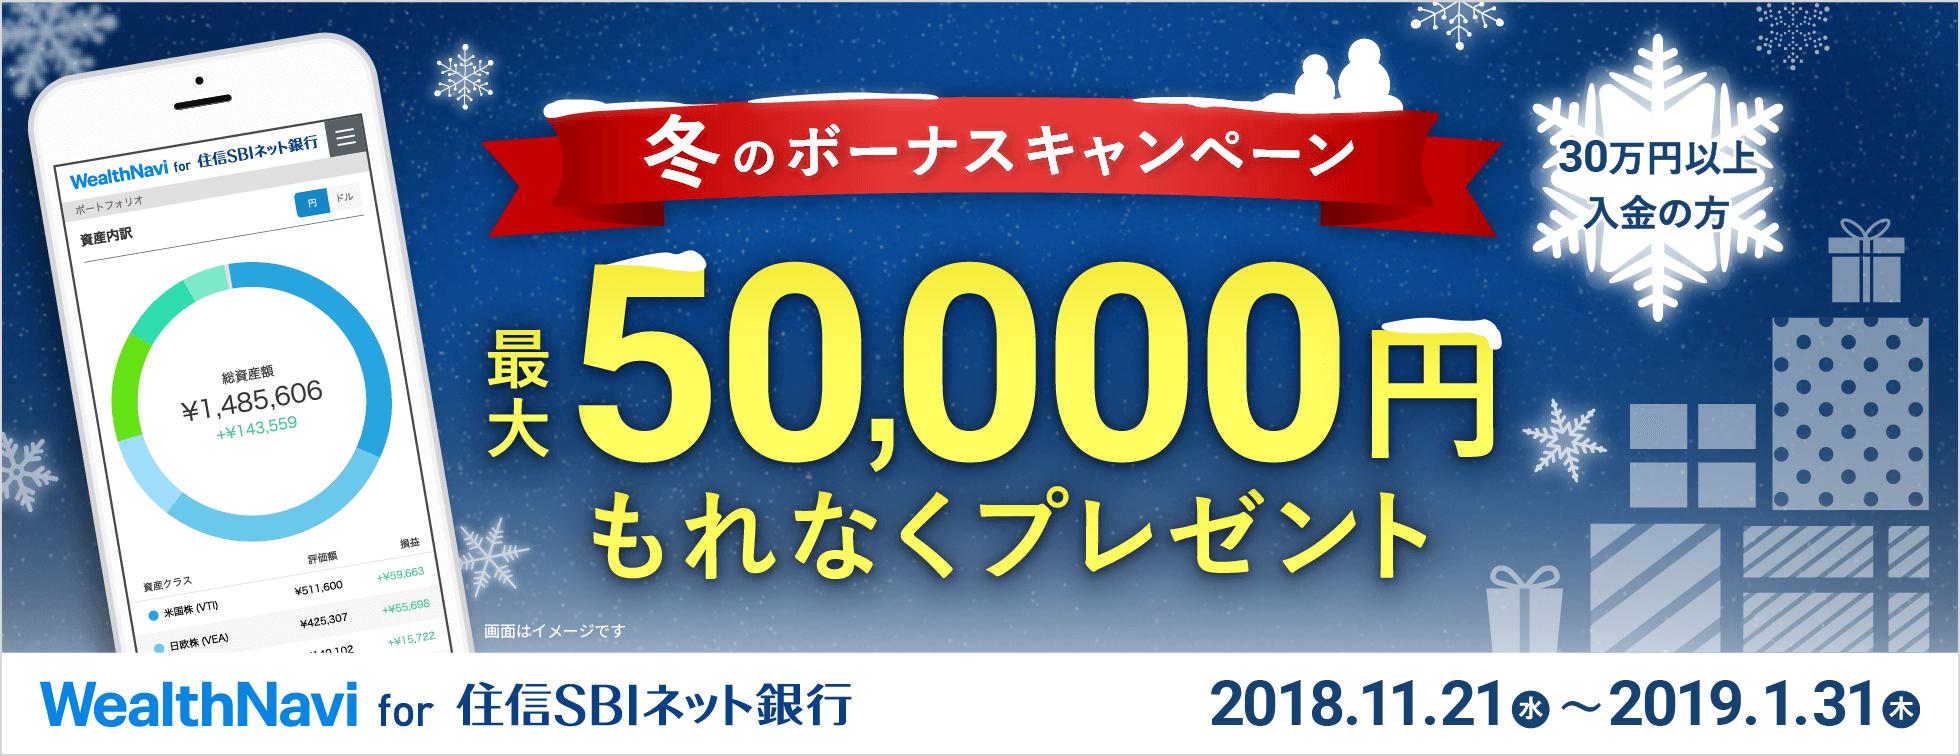 冬のボーナスキャンペーン 30万円以上入金の方 最大50,000円もれなくプレゼント